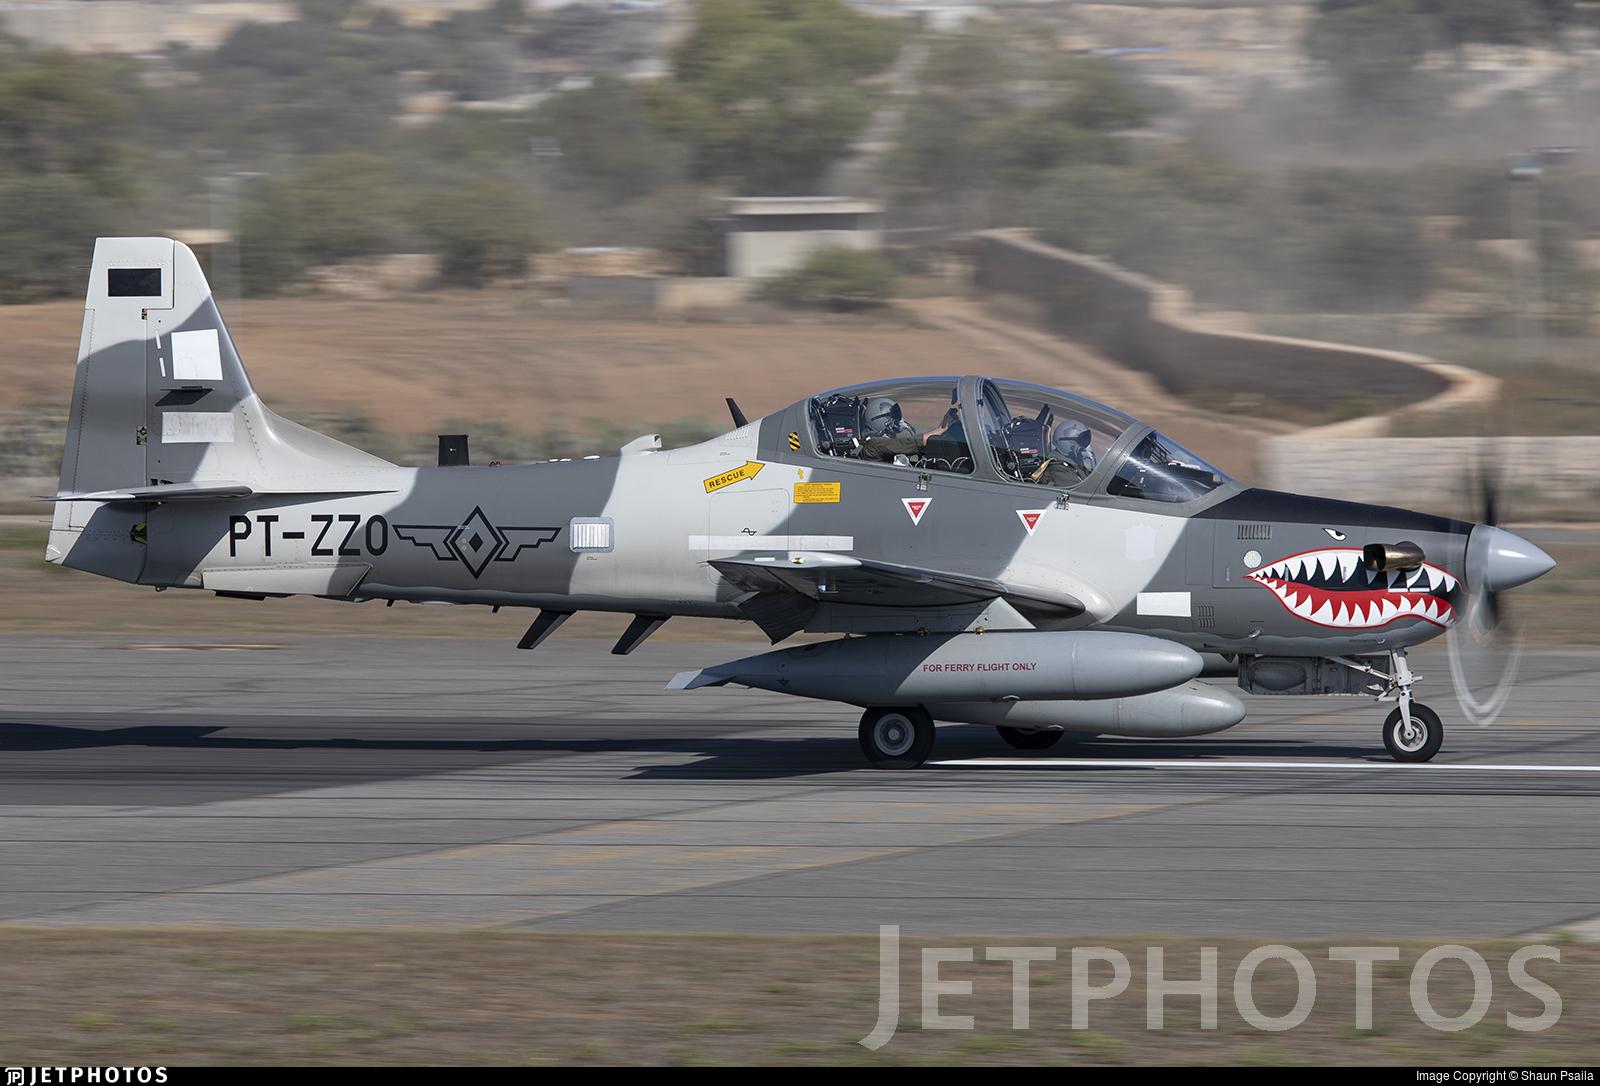 PT-ZZO - Embraer A-29B Super Tucano - Embraer